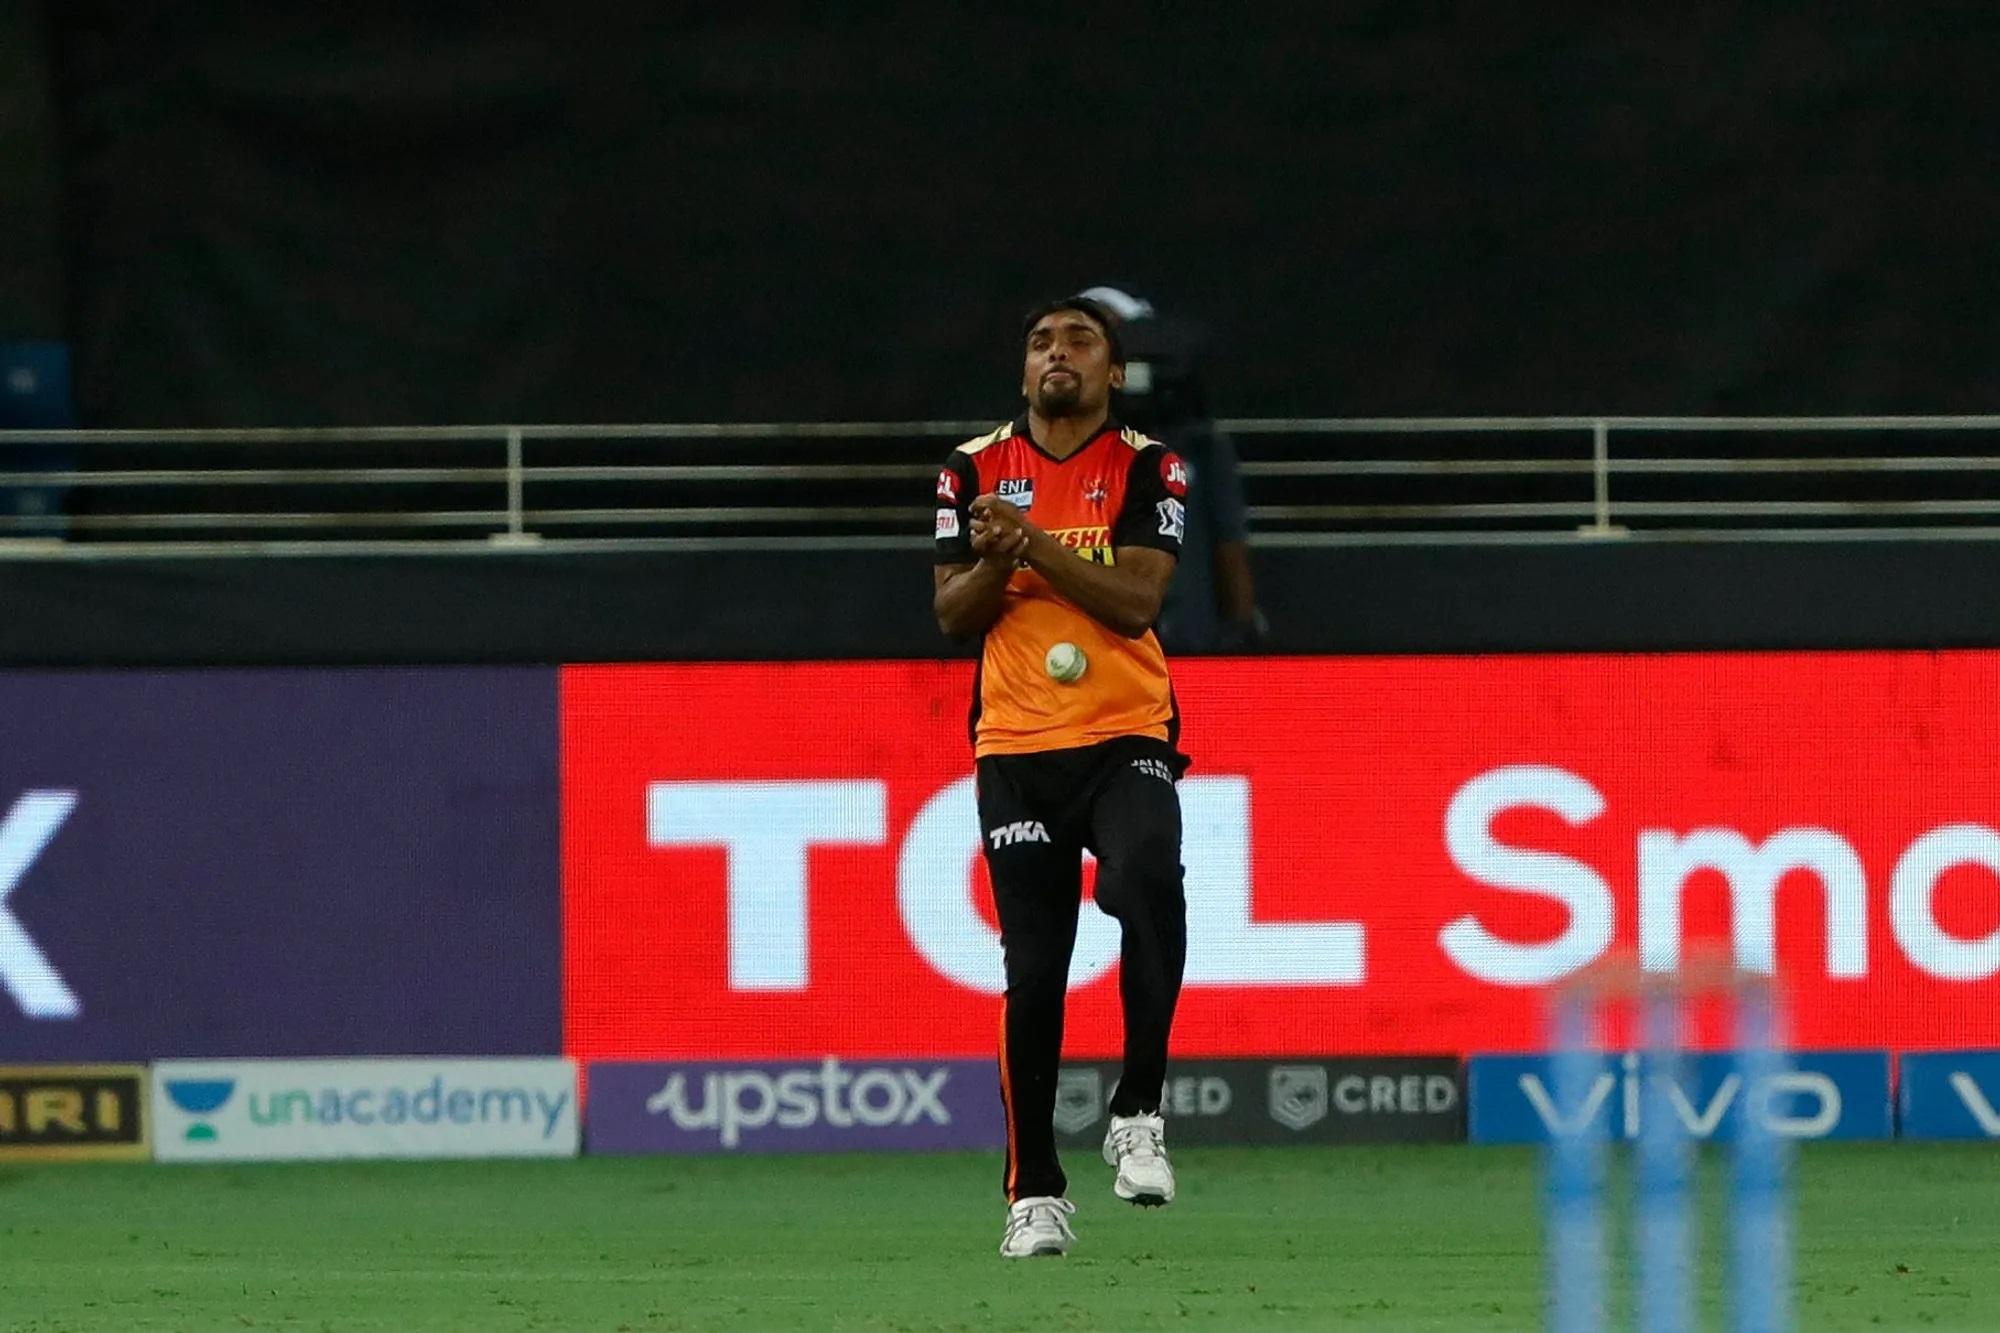 ये हैदराबाद के संदीप शर्मा हैं। एक कैच पकड़ने के लिए वे उल्टे कदम, बिना पीछे देखे हुए करीब 15-17 कदम तक भागते चले गए। अंत में खुद को गेंद के नीचे पहुंचा दिए, लेकिन गेंद उनके हाथ के बजाए पेट पर आकर गिरी। कैट छूटने के बाद बॉलर जेसन होल्डर को छोड़कर पूरी हैदराबाद टीम उन्हें देखकर मुस्कुरा रही थी। अगली तस्वीर में हम होल्डर का रिएक्शन भी दिखा रहे हैं।